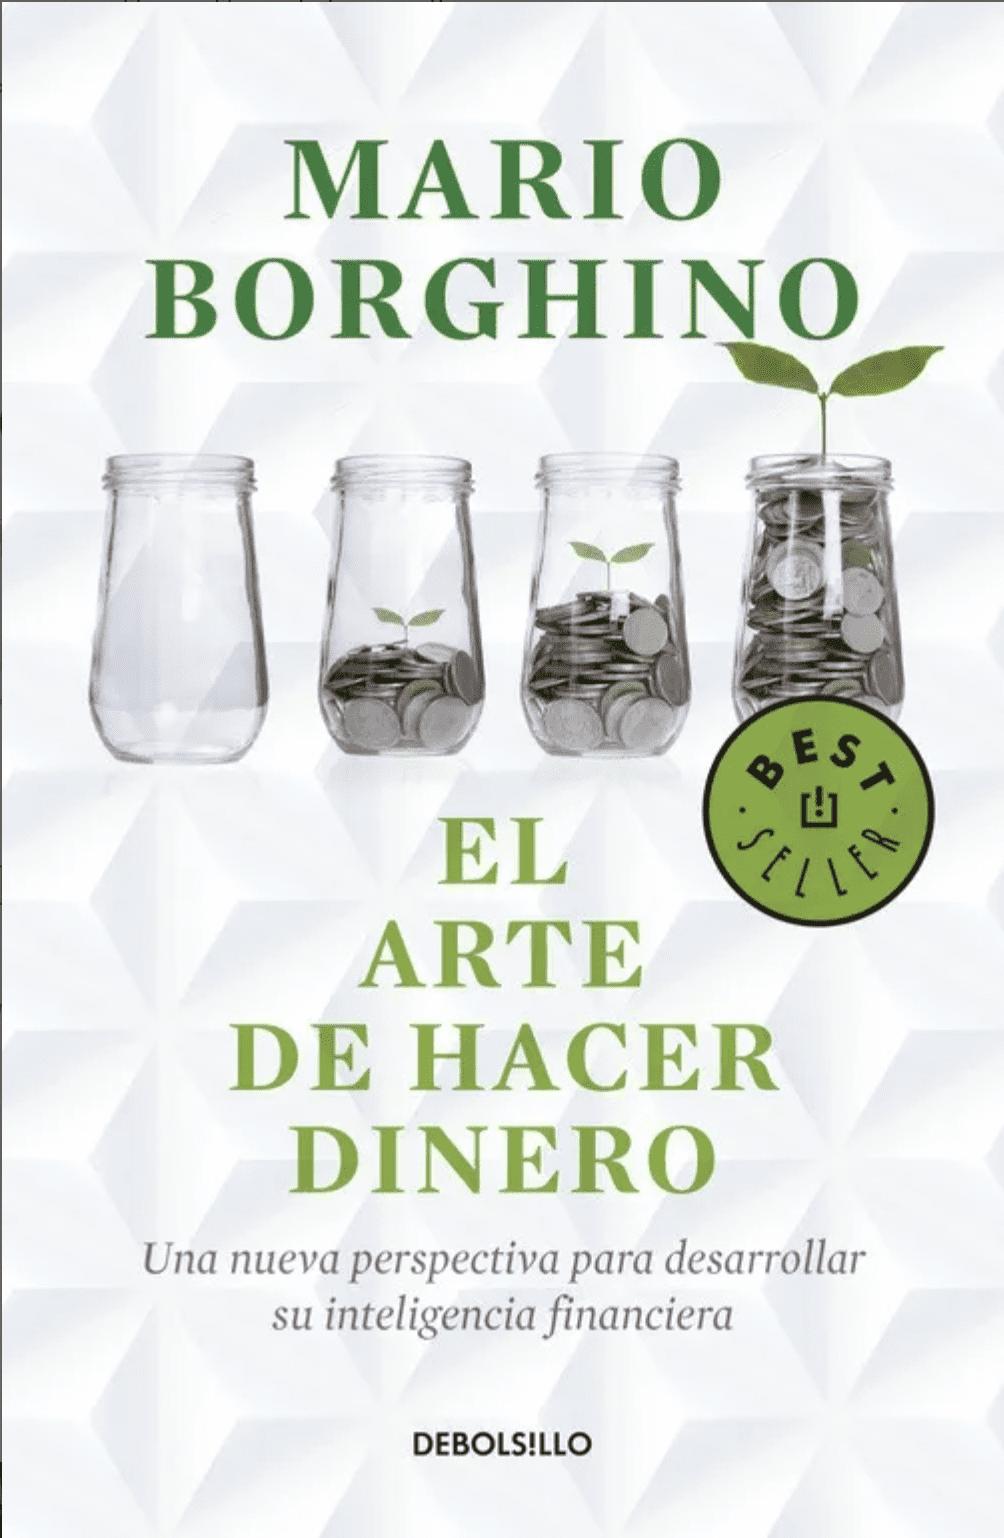 cover de libro